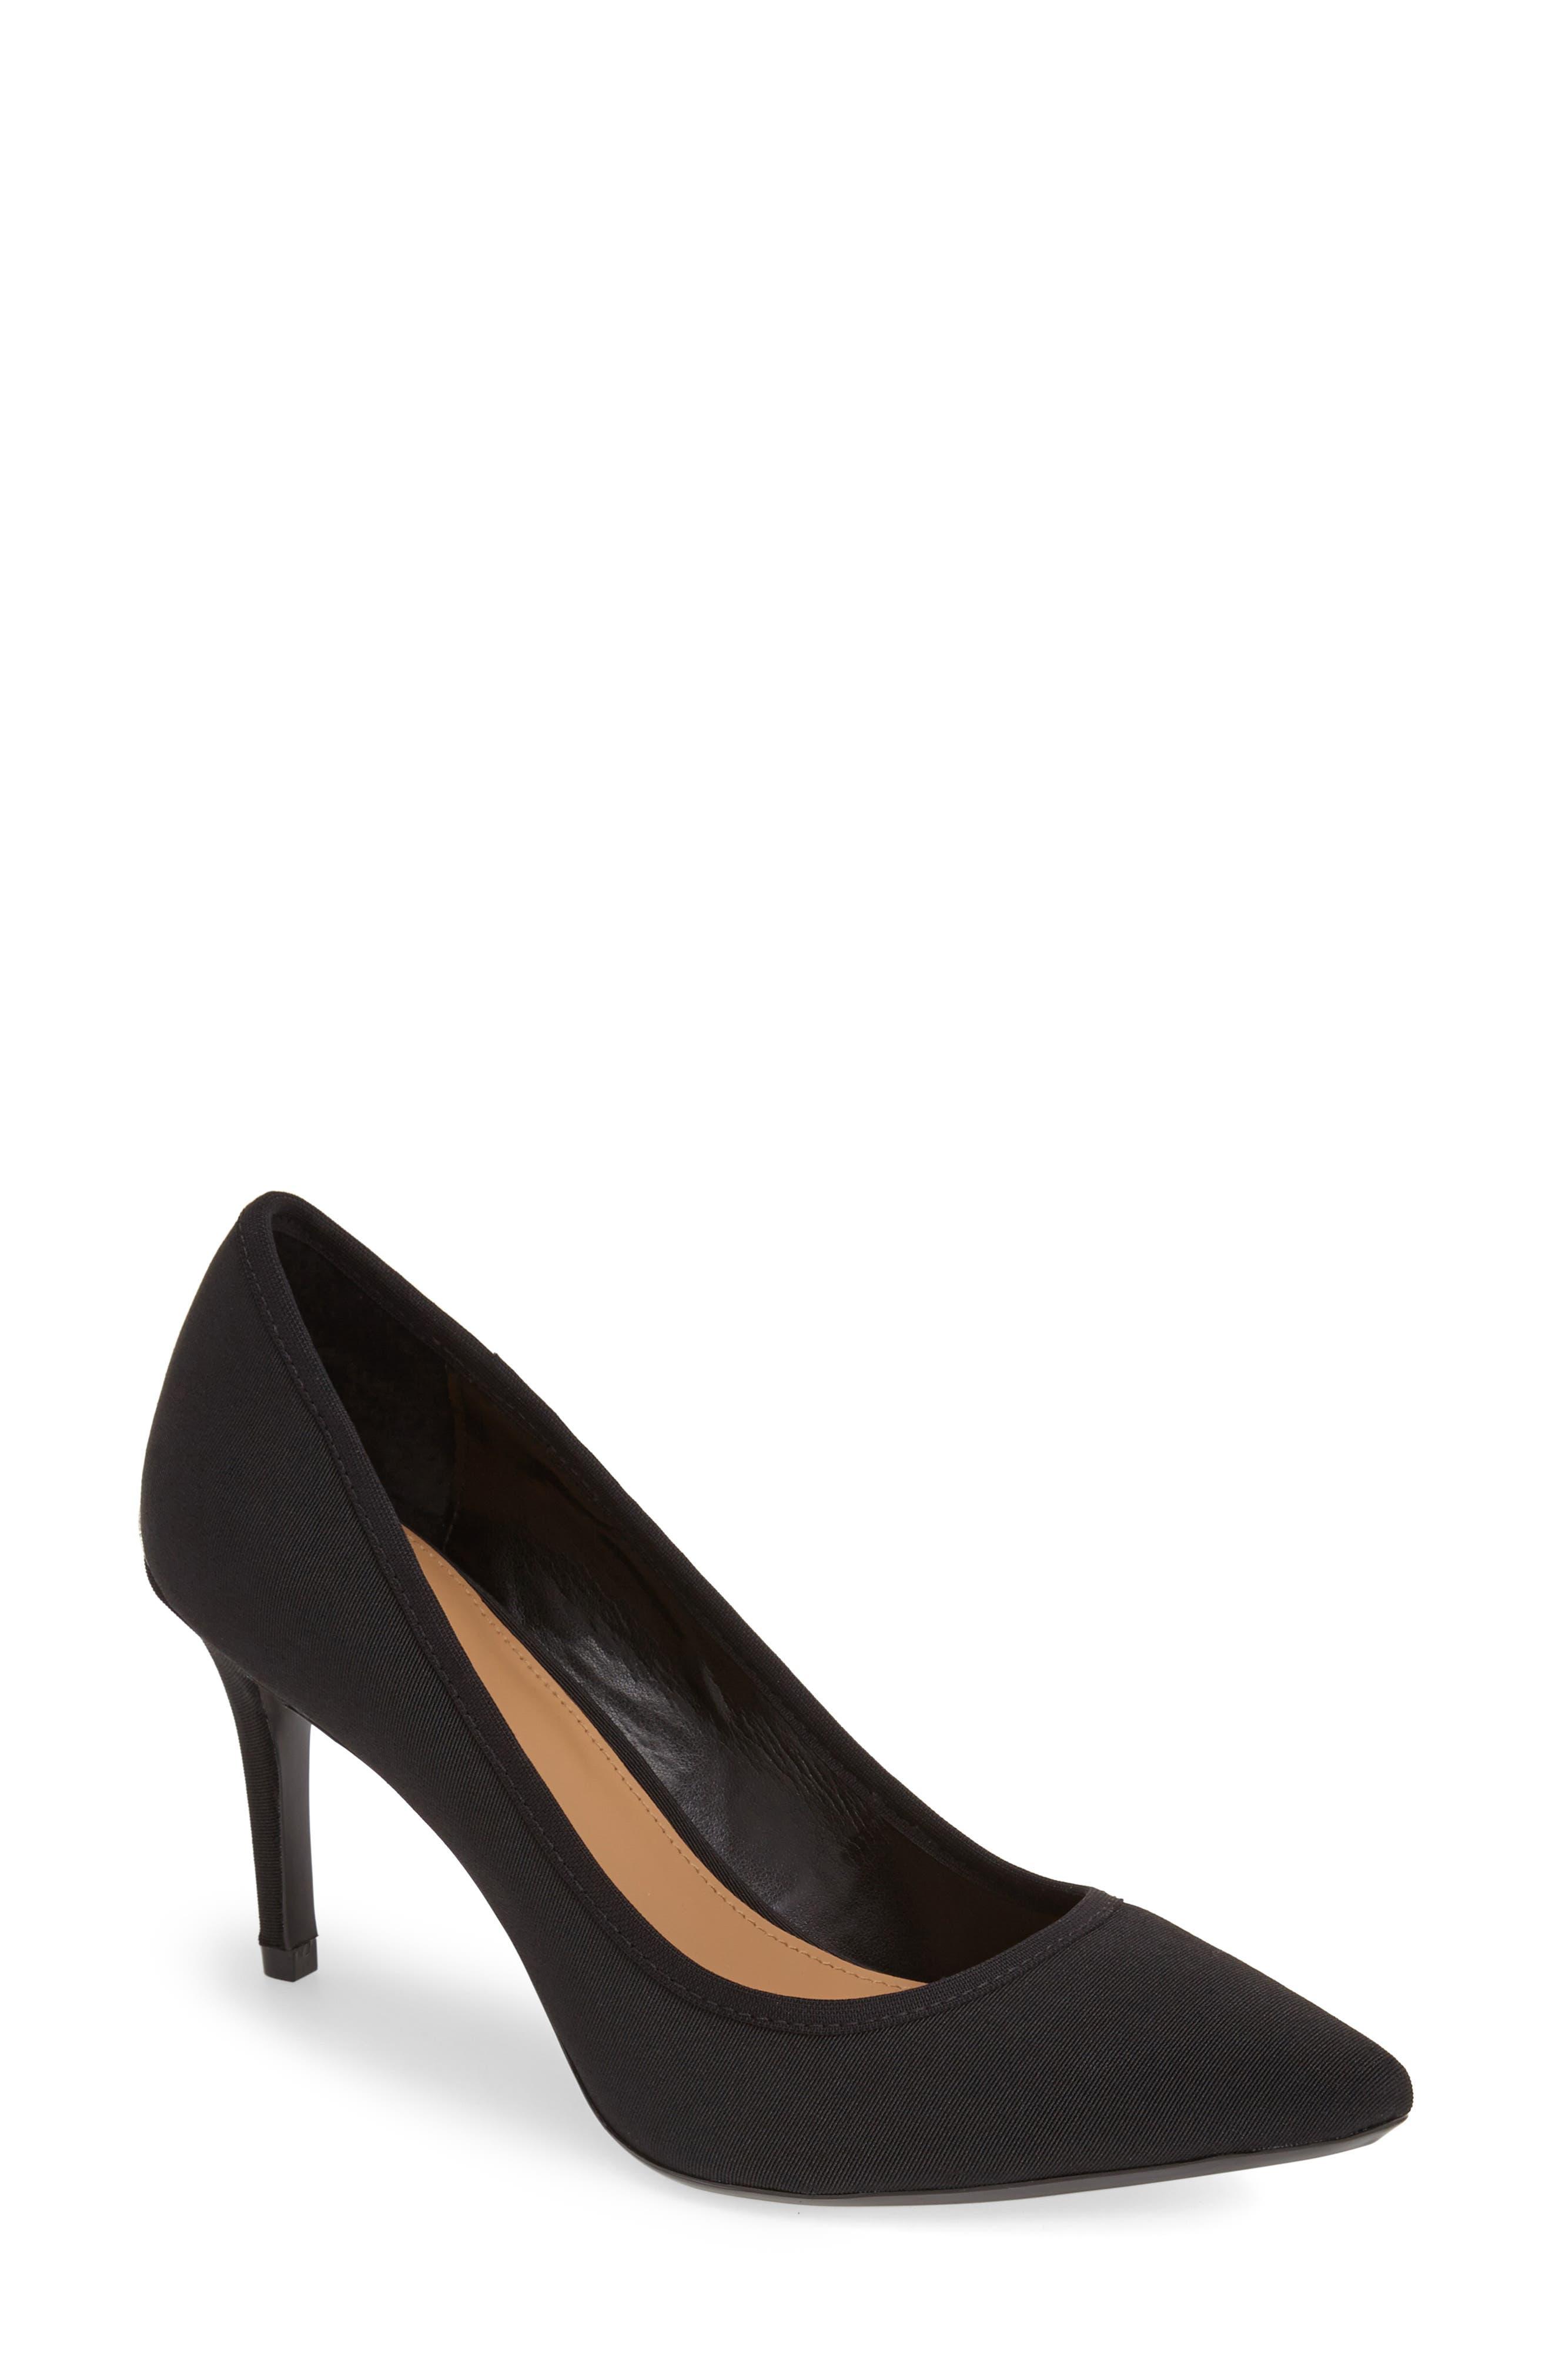 Calvin Klein Pumps 'Gayle' Pointy Toe Pump